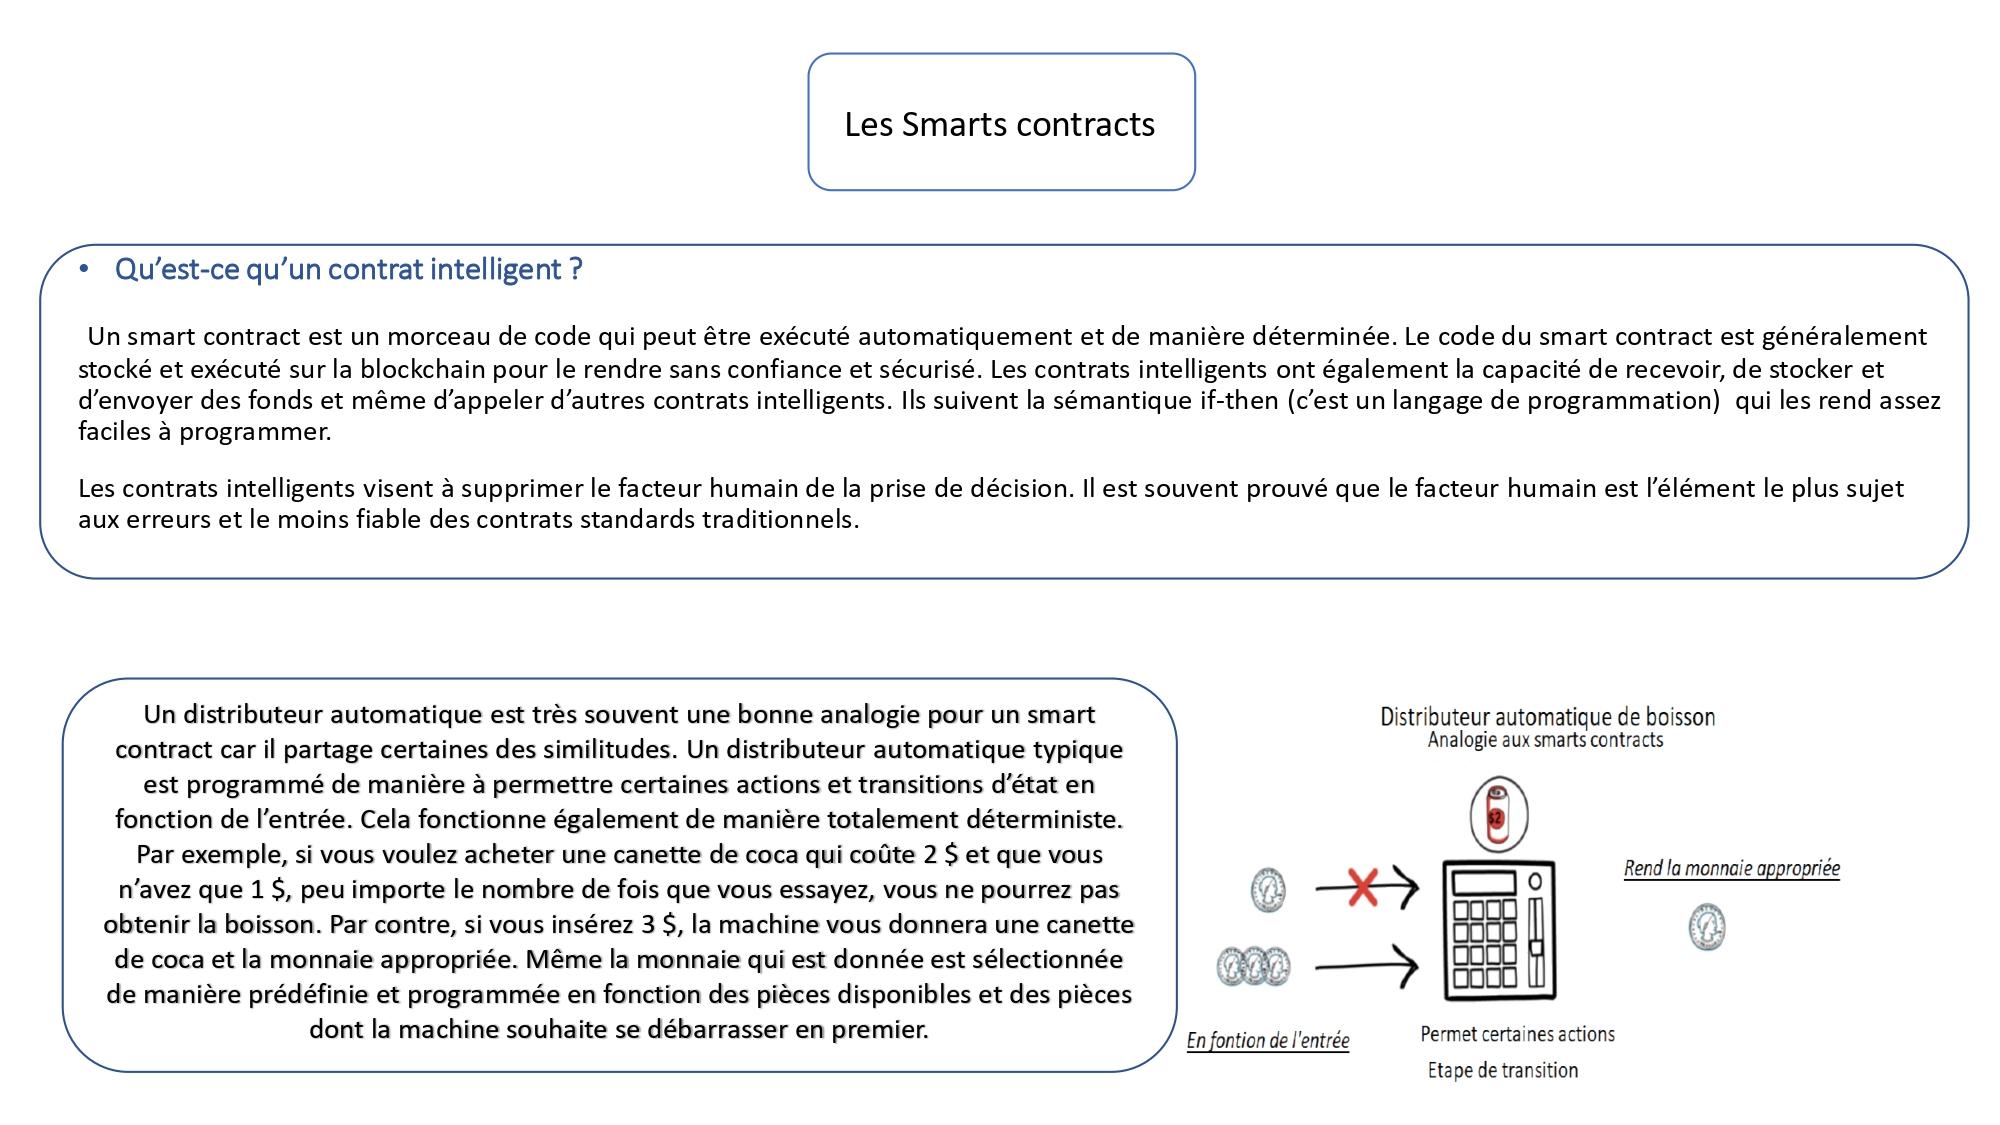 Les smarts contracts rendent possible les Dapp DeFi.